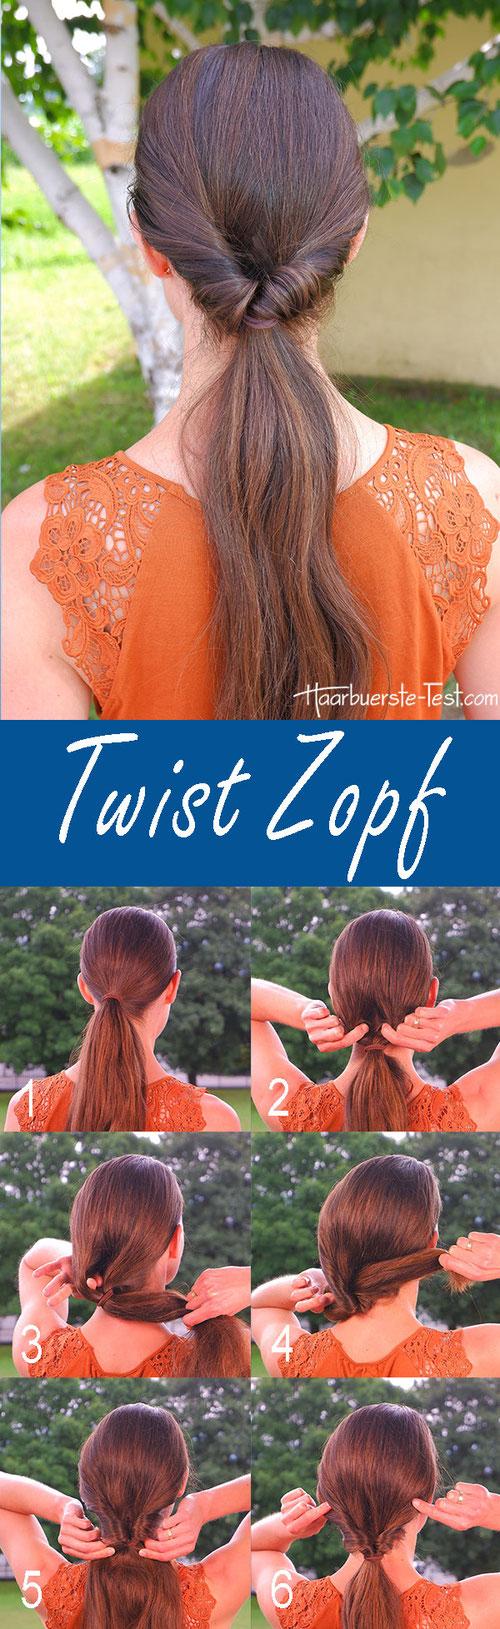 Pferdeschwanz Frisuren Anleitung, Ponytail with twist, Twist Zopf